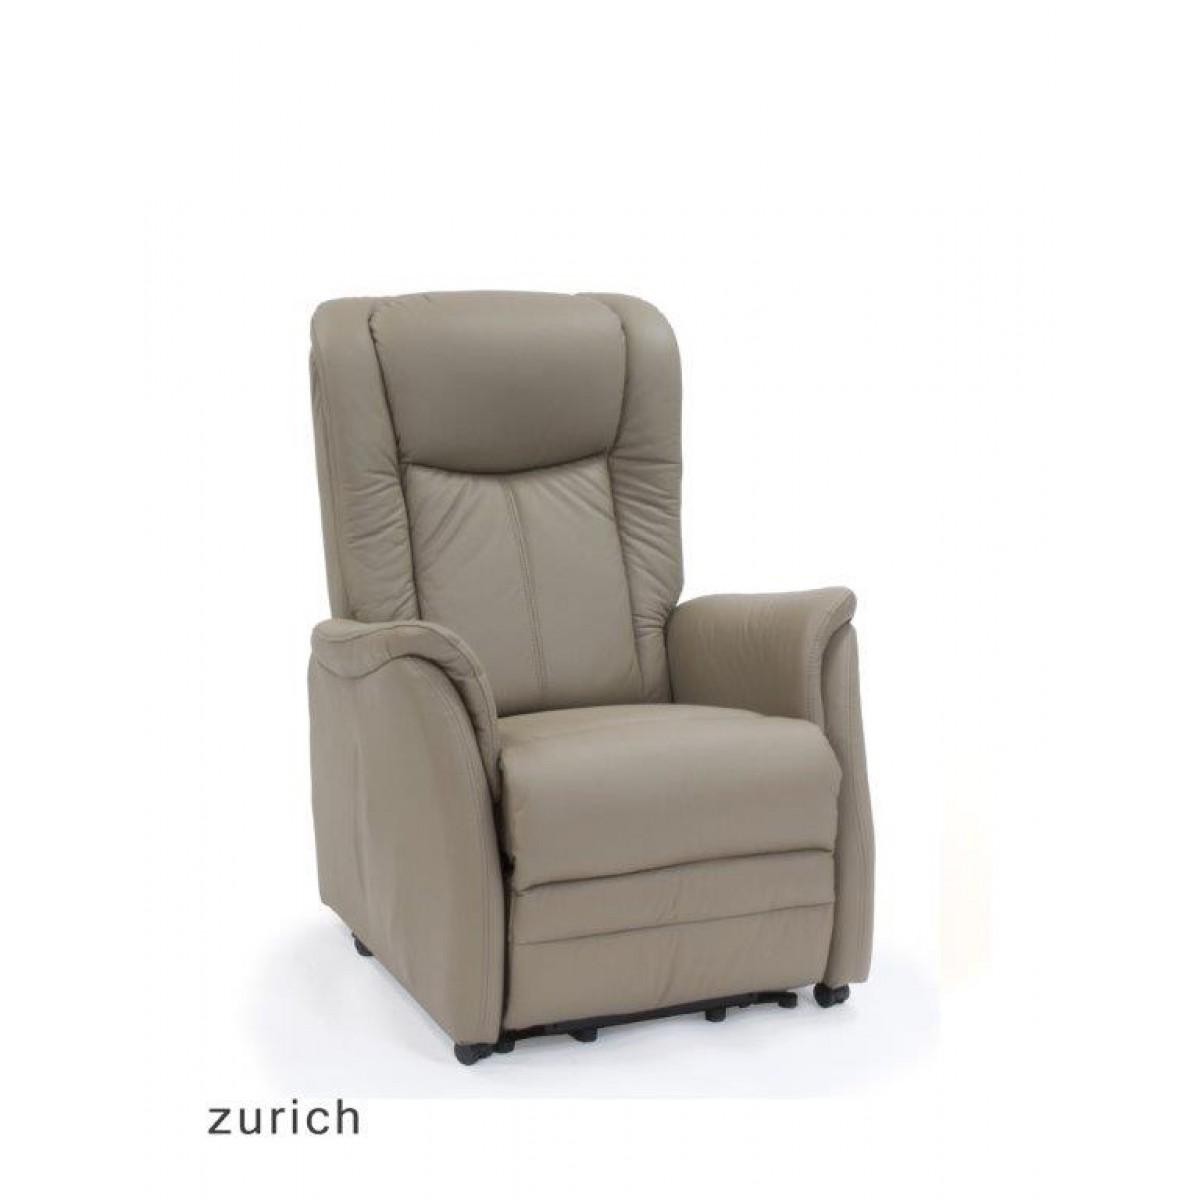 sta-op-hulp-relaxfauteuil-zurich-leder-stone-interdomus